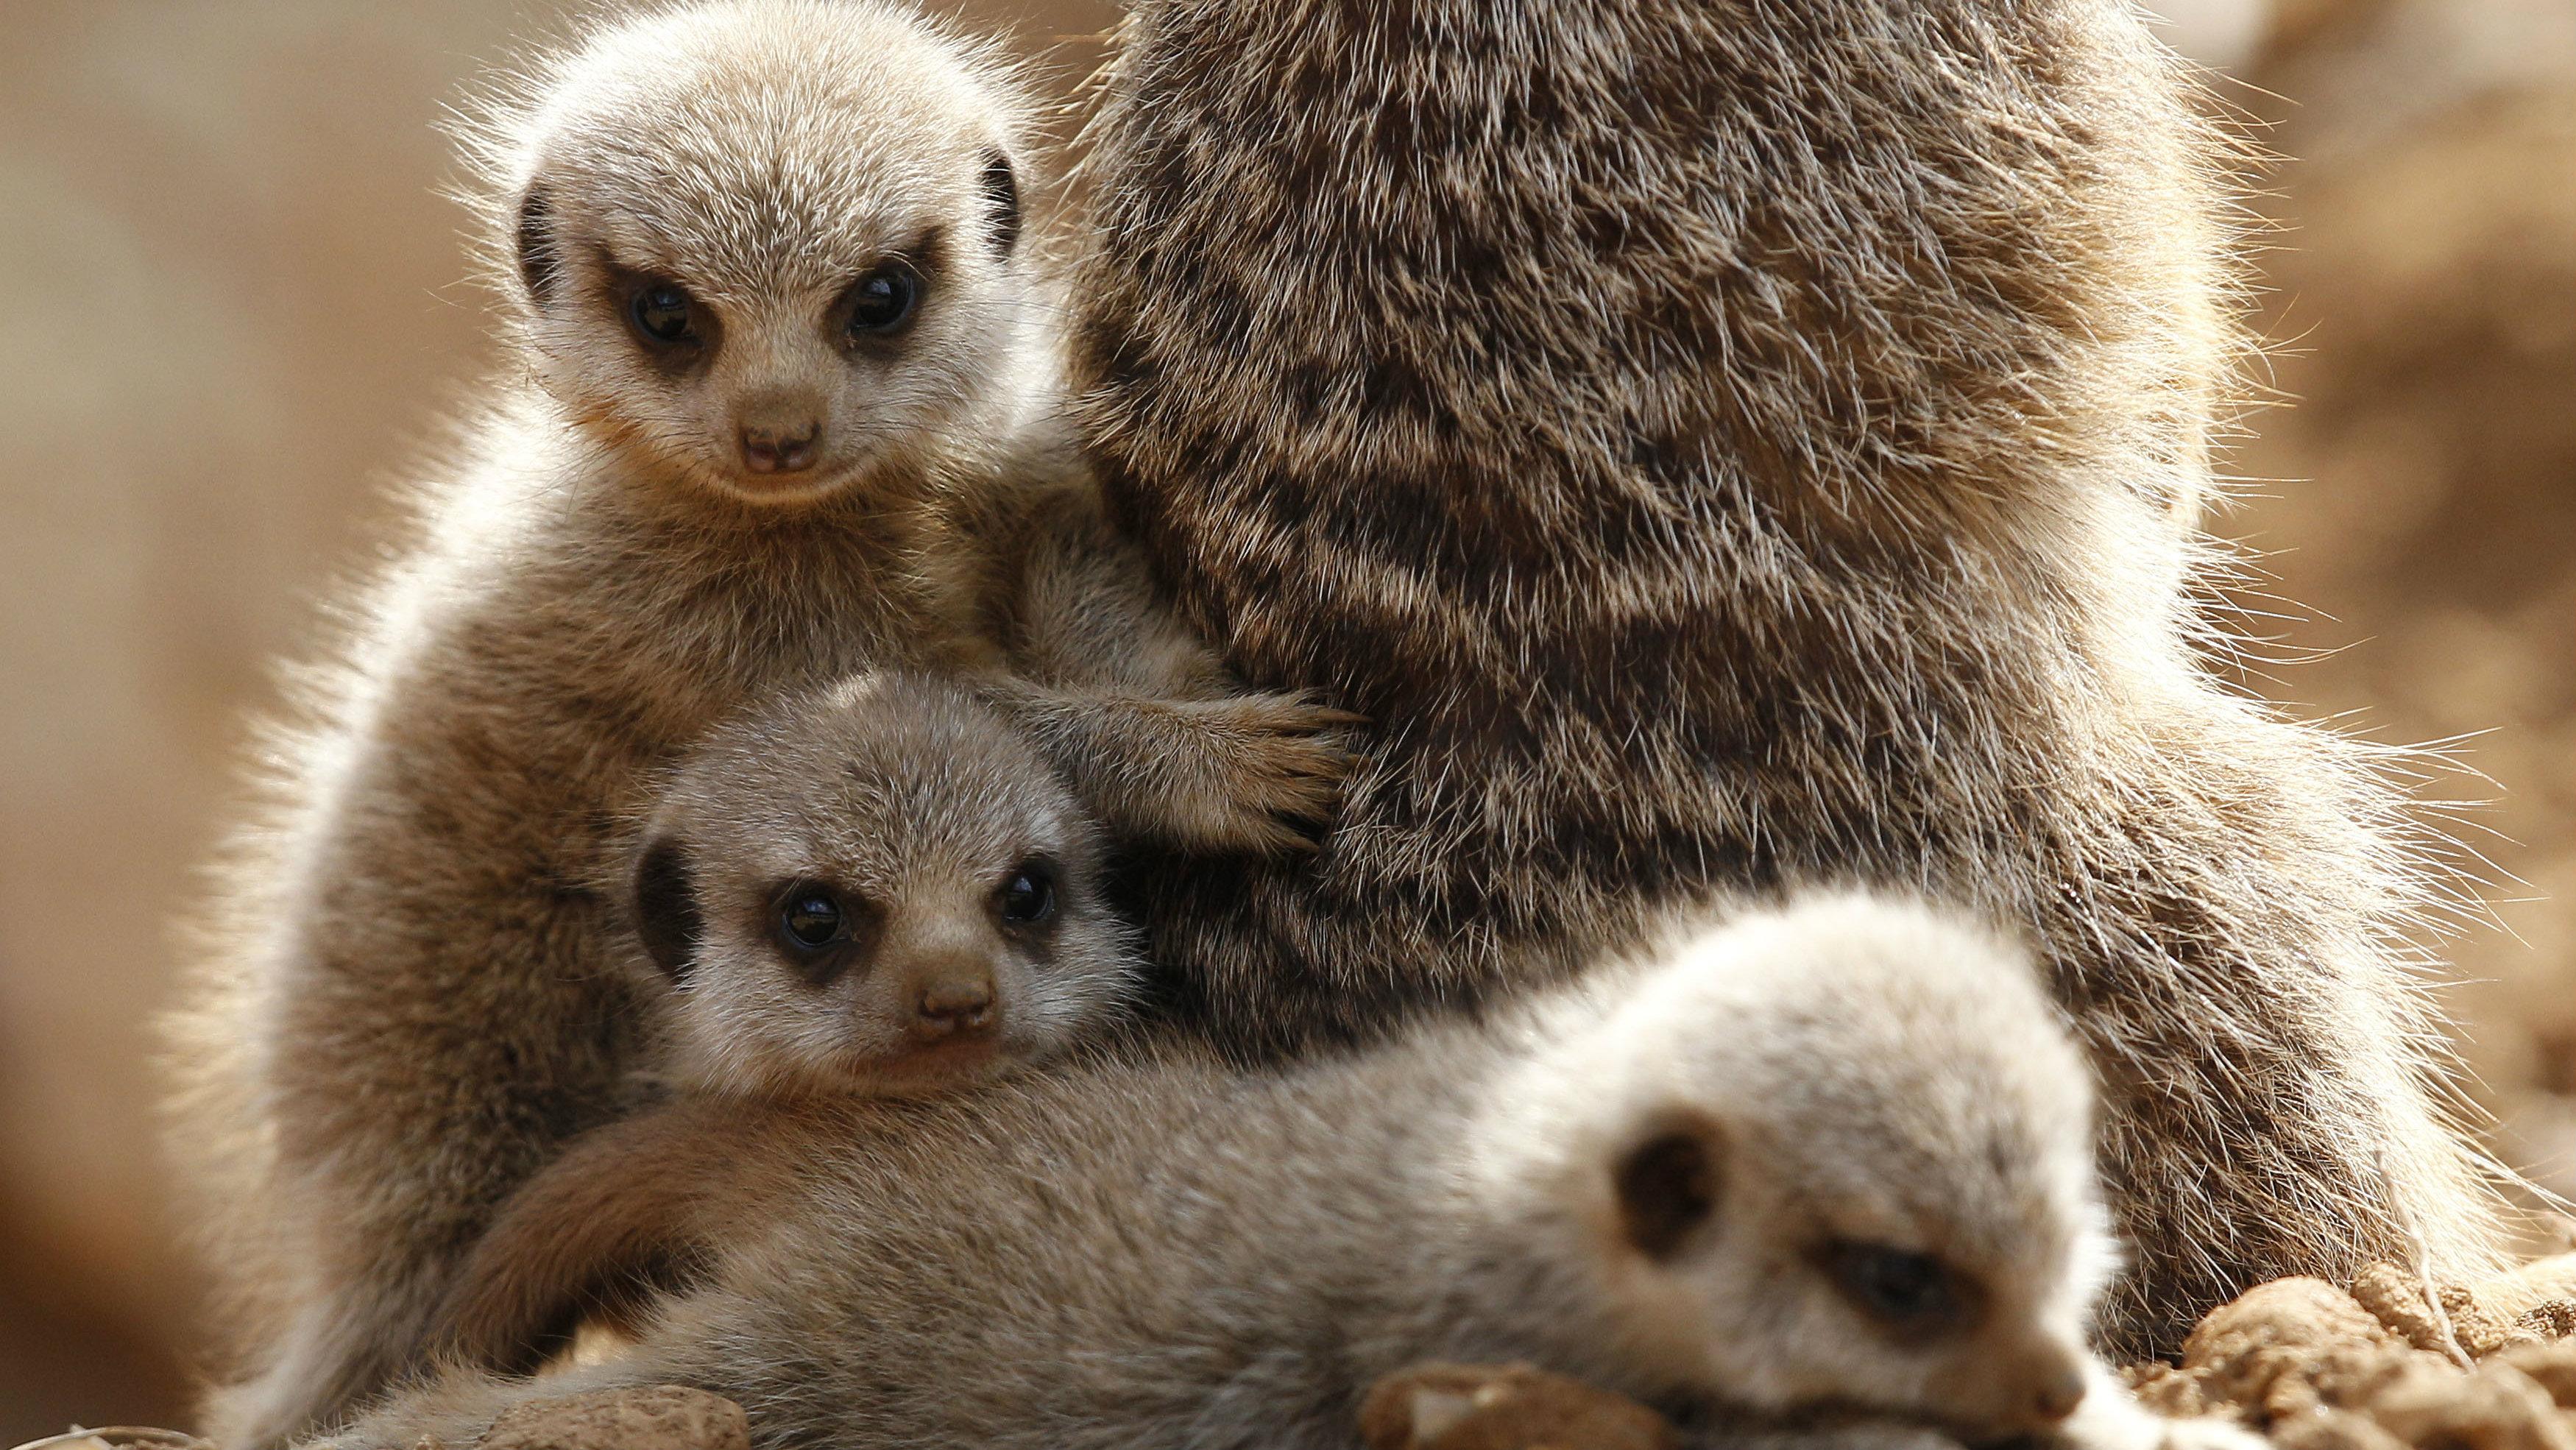 Three baby meerkats